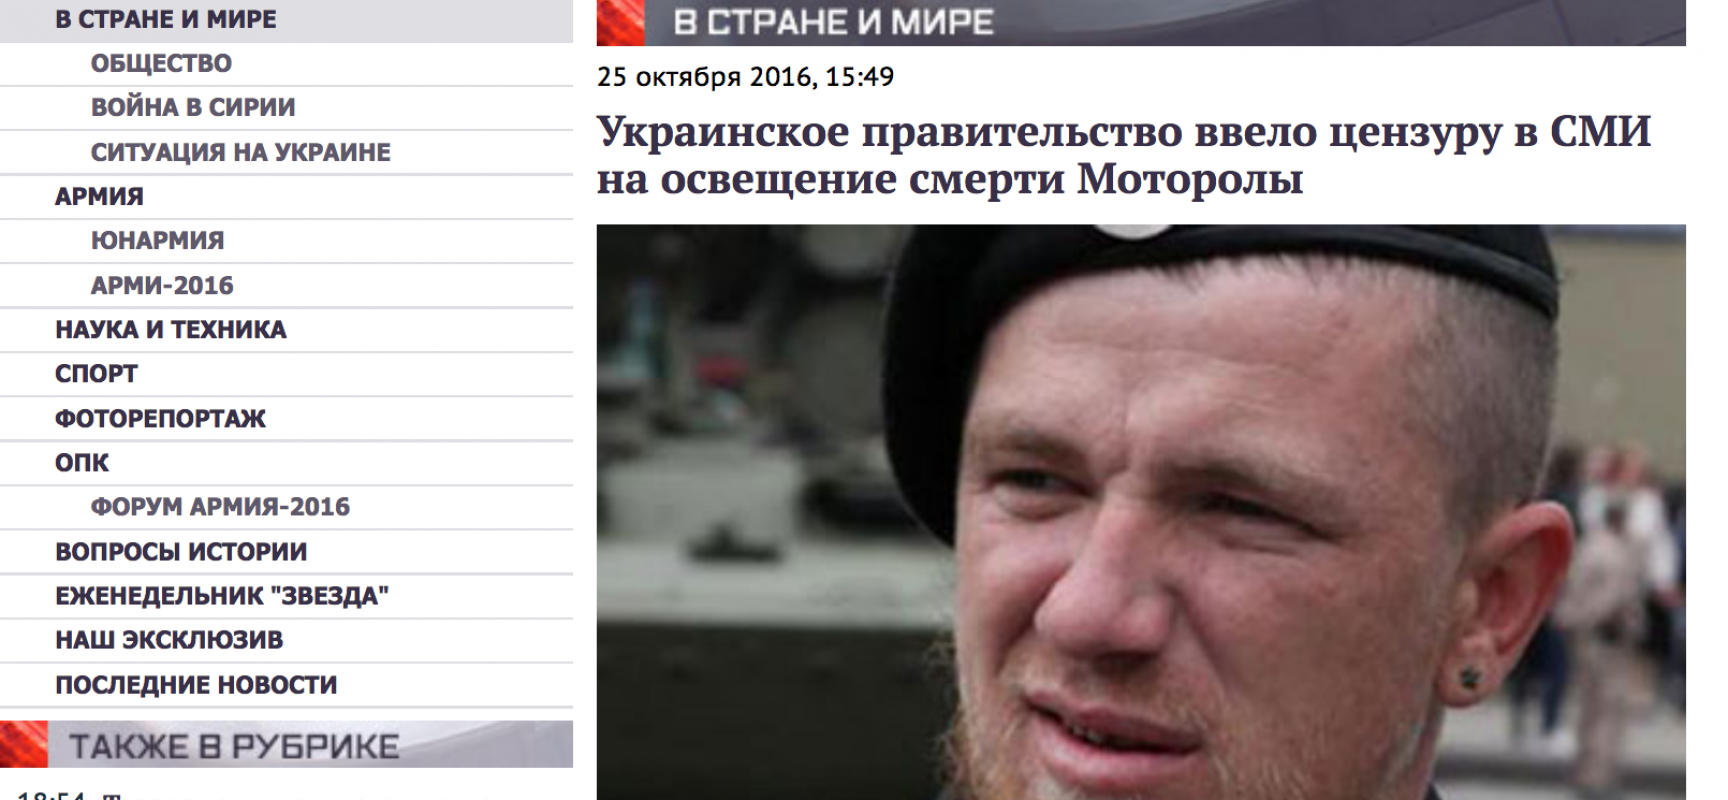 Fake : La censura ucraina nei report sulla morte di Motorola